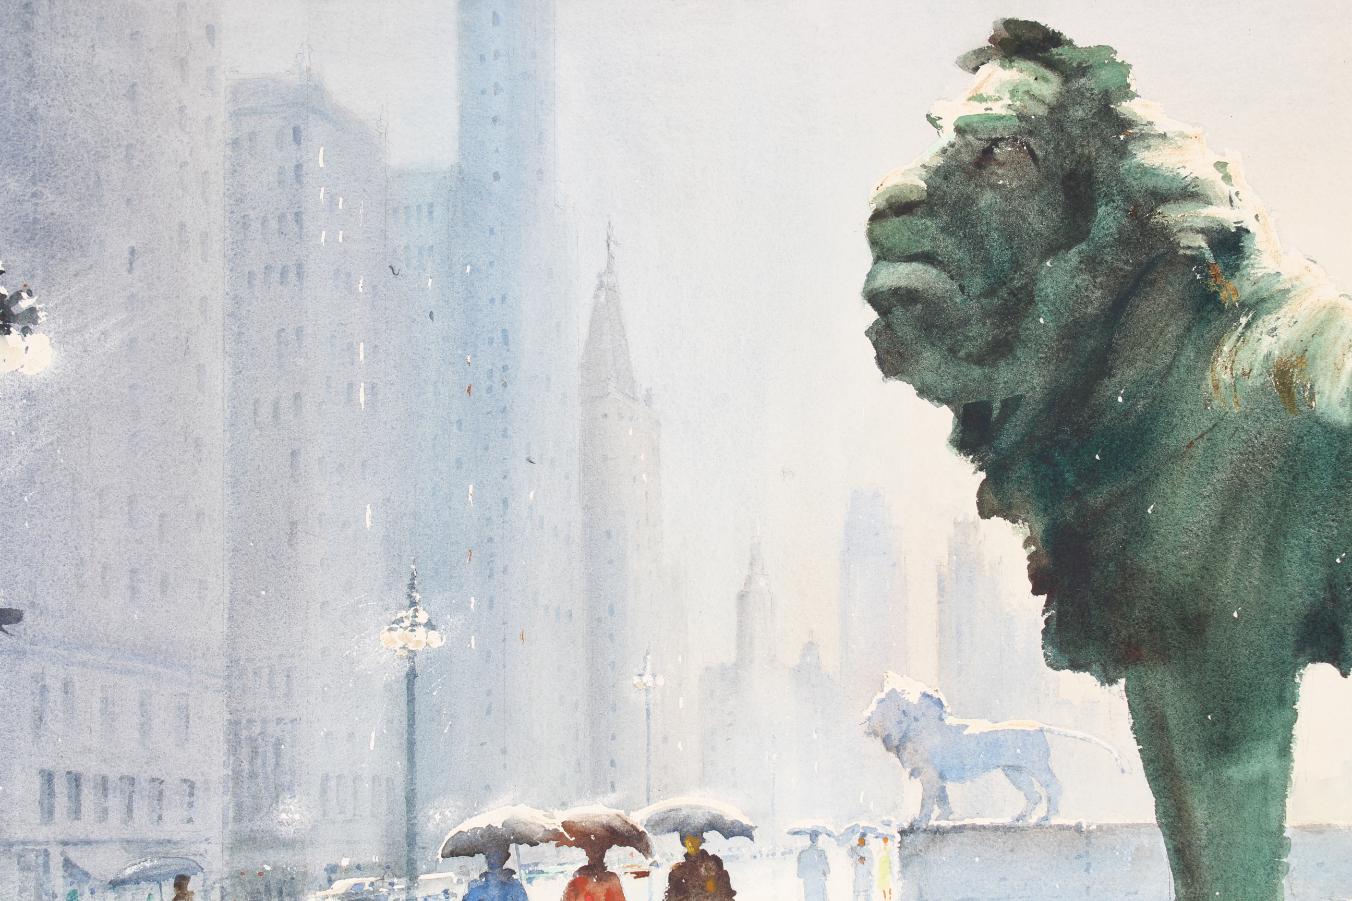 Herbert Olsen (1905-1973) Art Institute of Chicago - Image 3 of 4